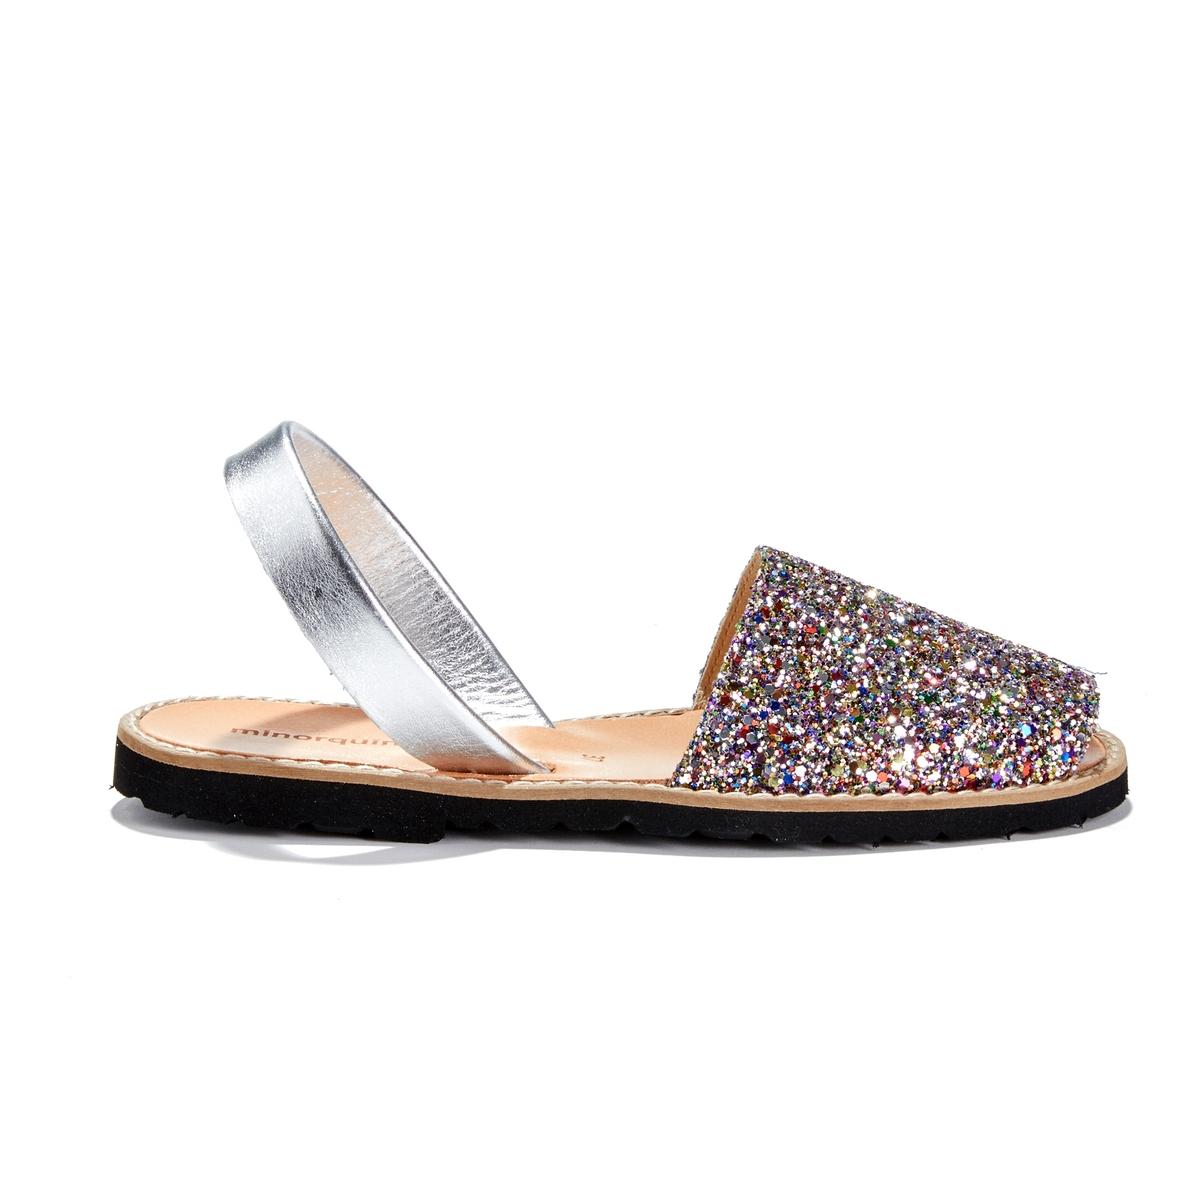 Босоножки с блестками на плоском каблуке AVARCA PAILLETTES